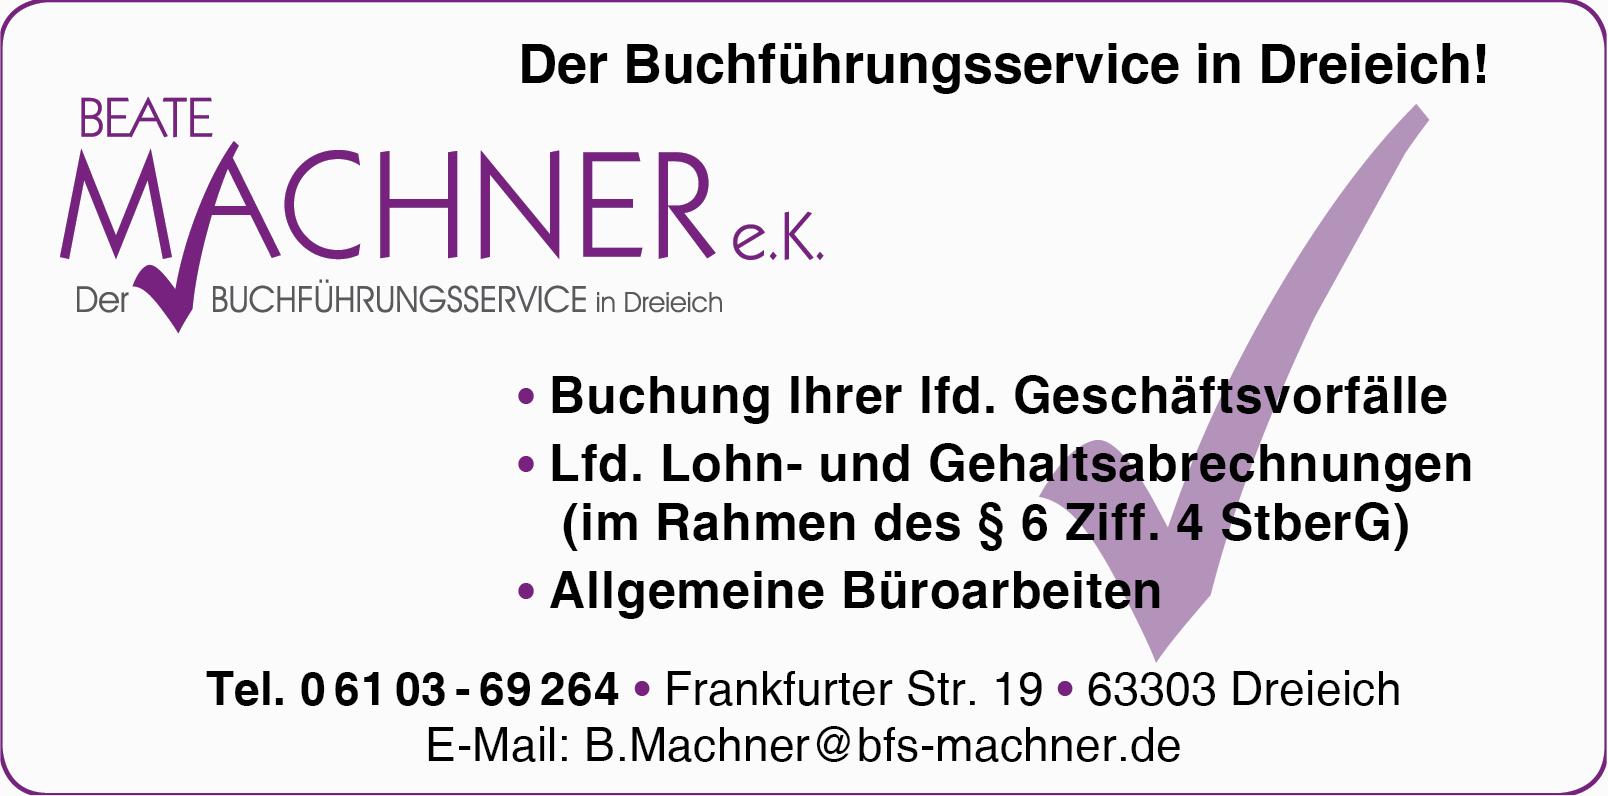 Beate Machner e.K. Der Buchführungsservice in Dreieich